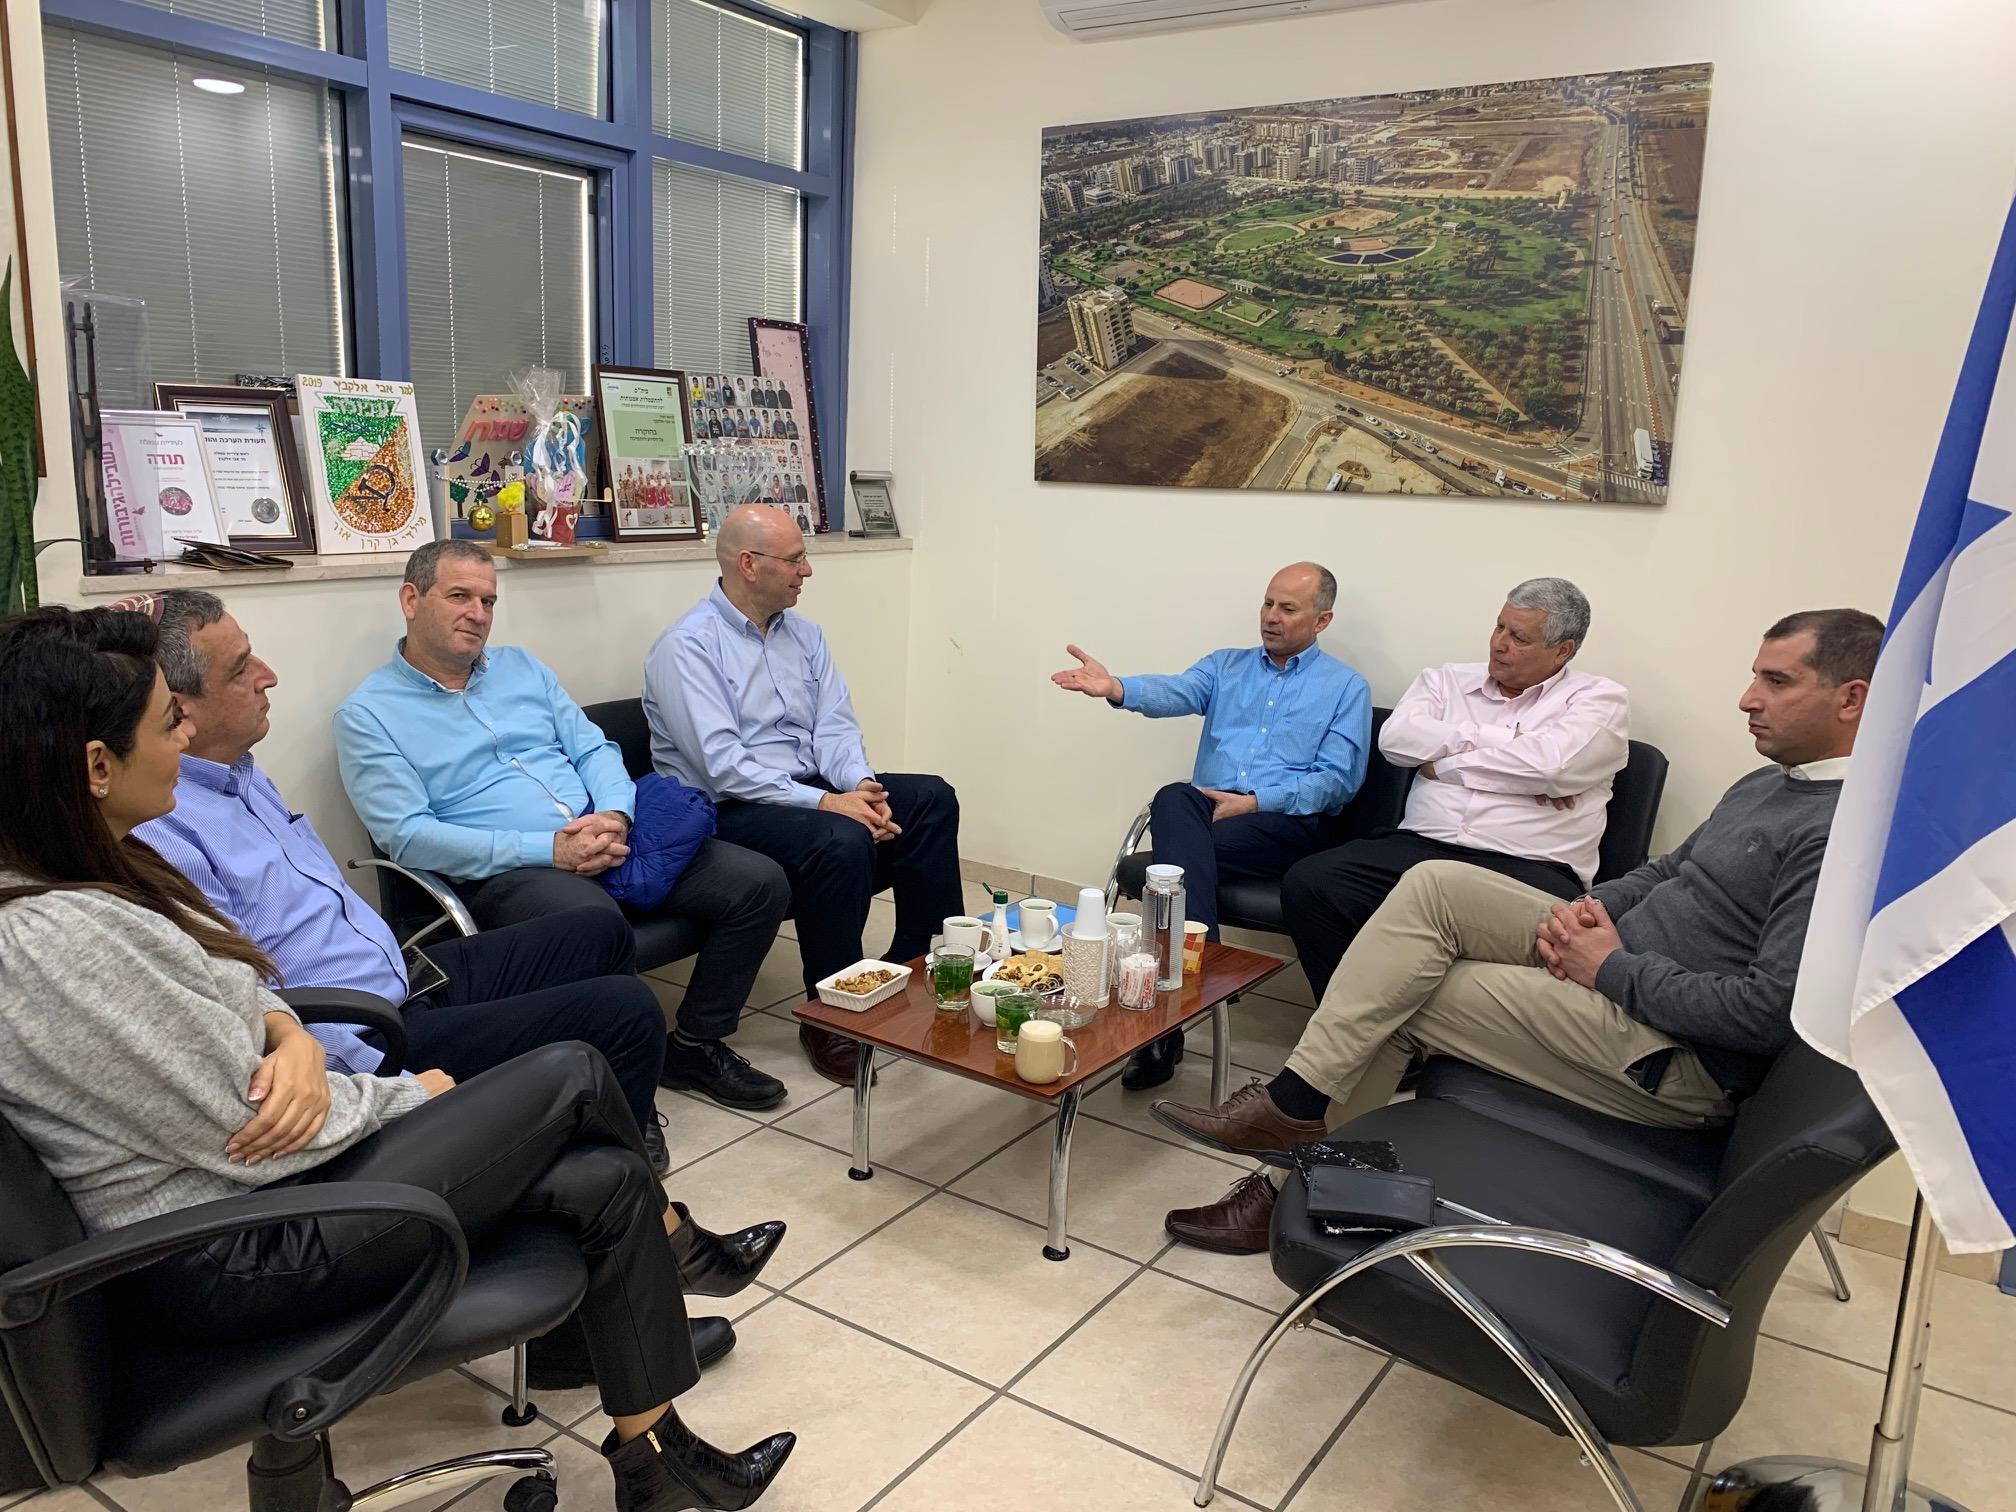 עיריית עפולה ובית חולים 'העמק' מקדמות שיתופי פעולה